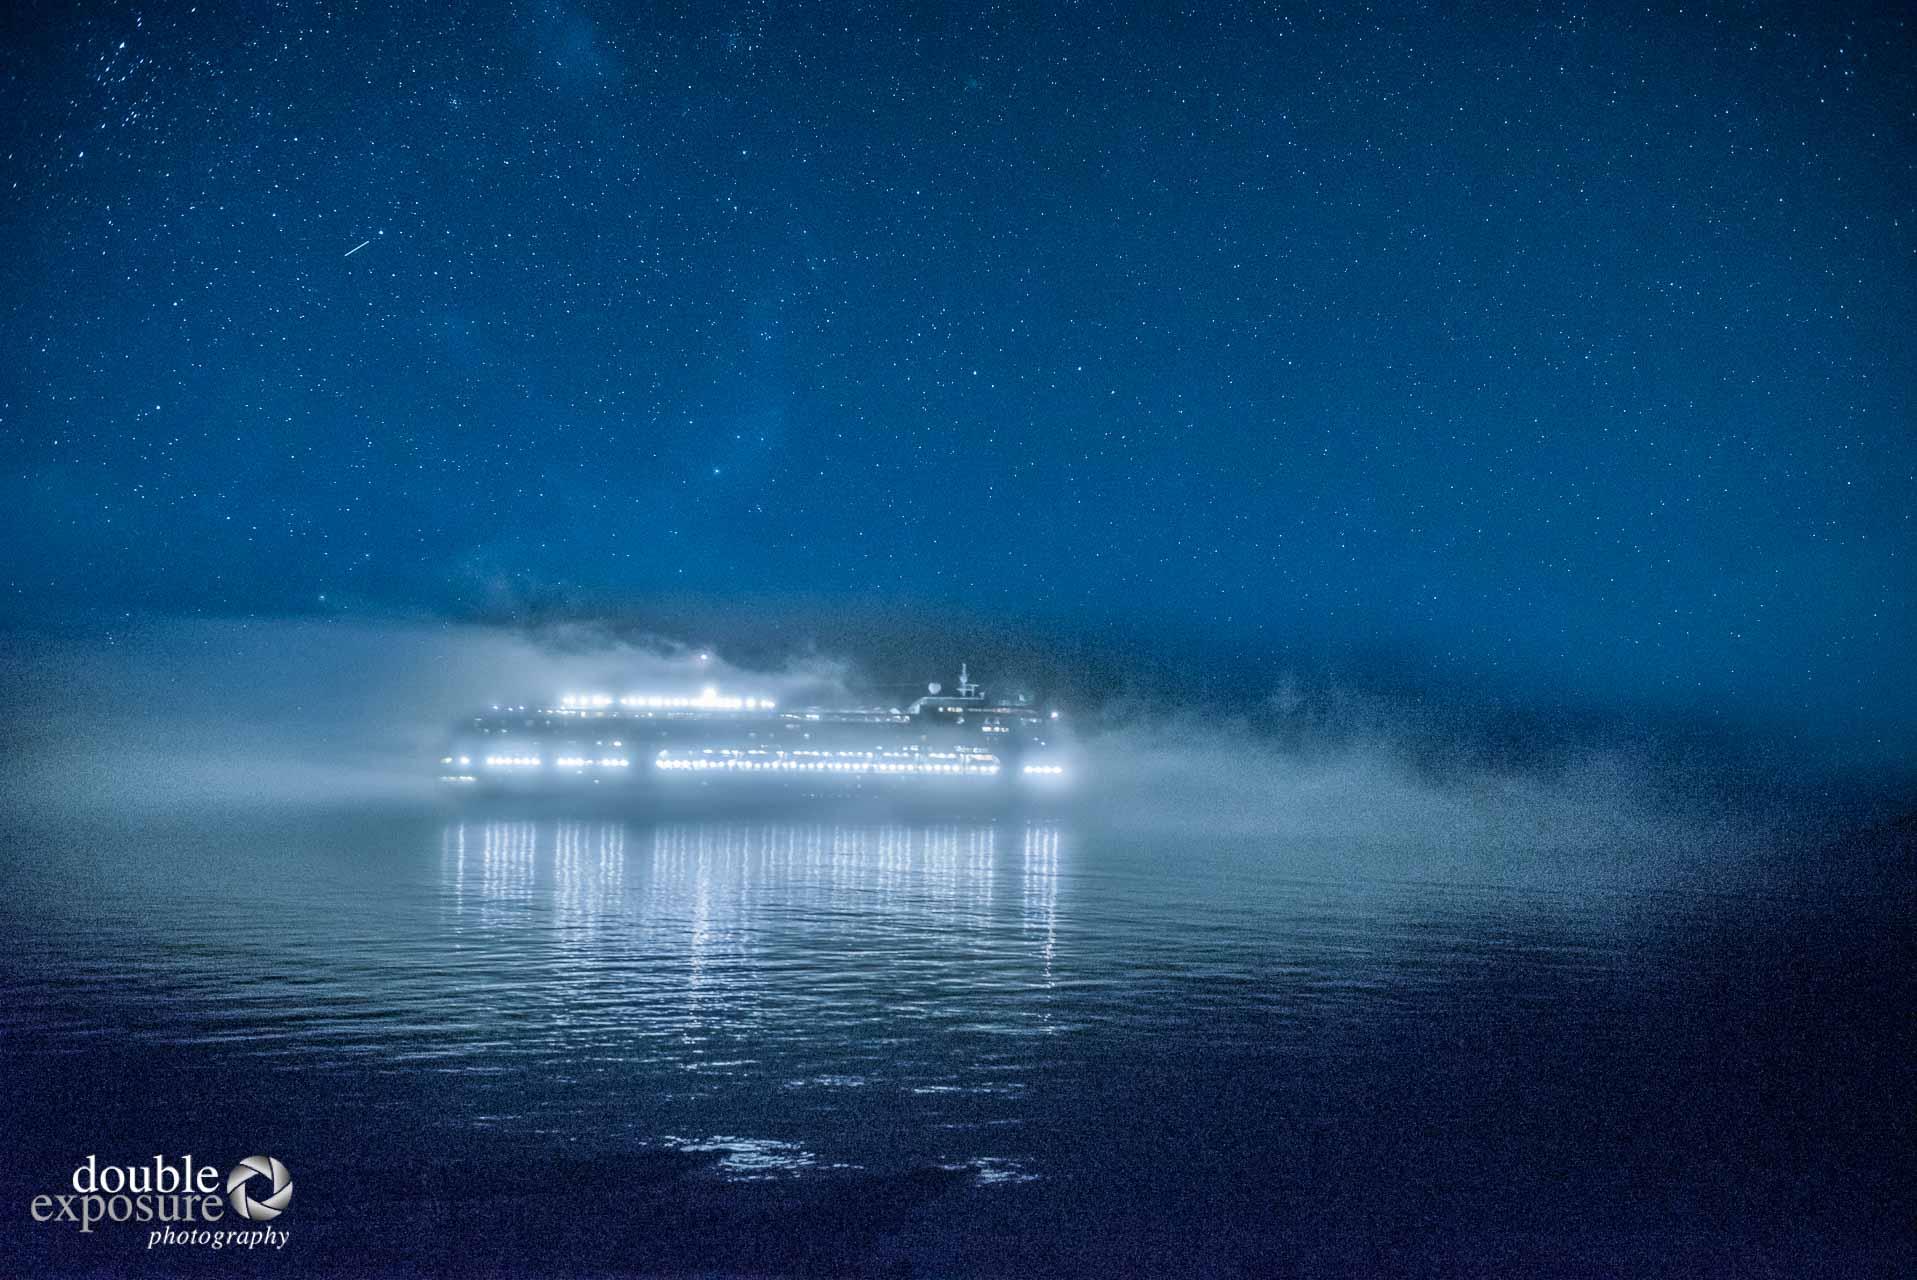 cruise ship under mist.